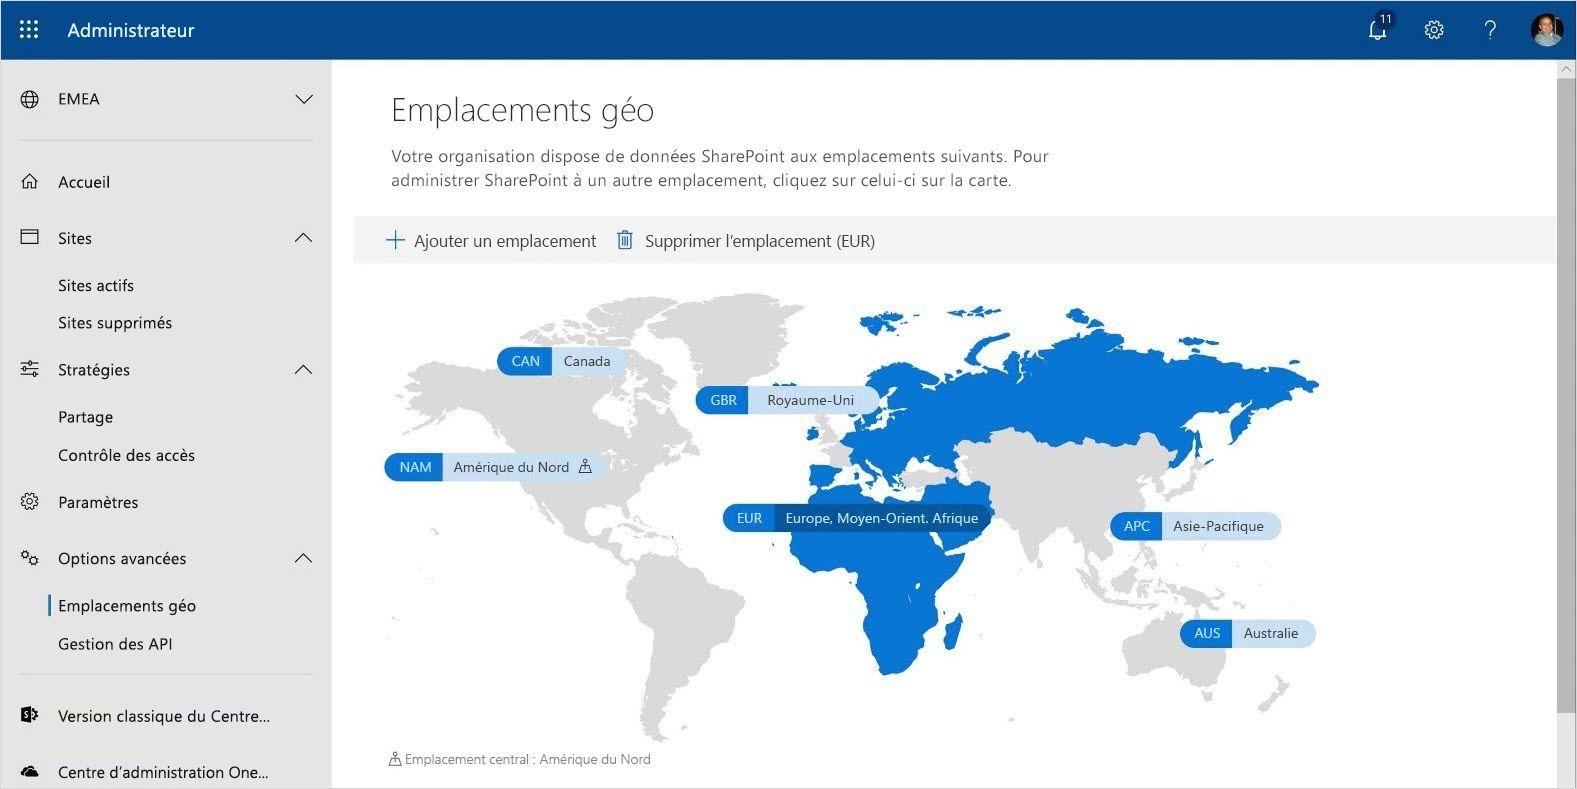 Image montrant le fonctionnalités multigéographiques d'Office 365.